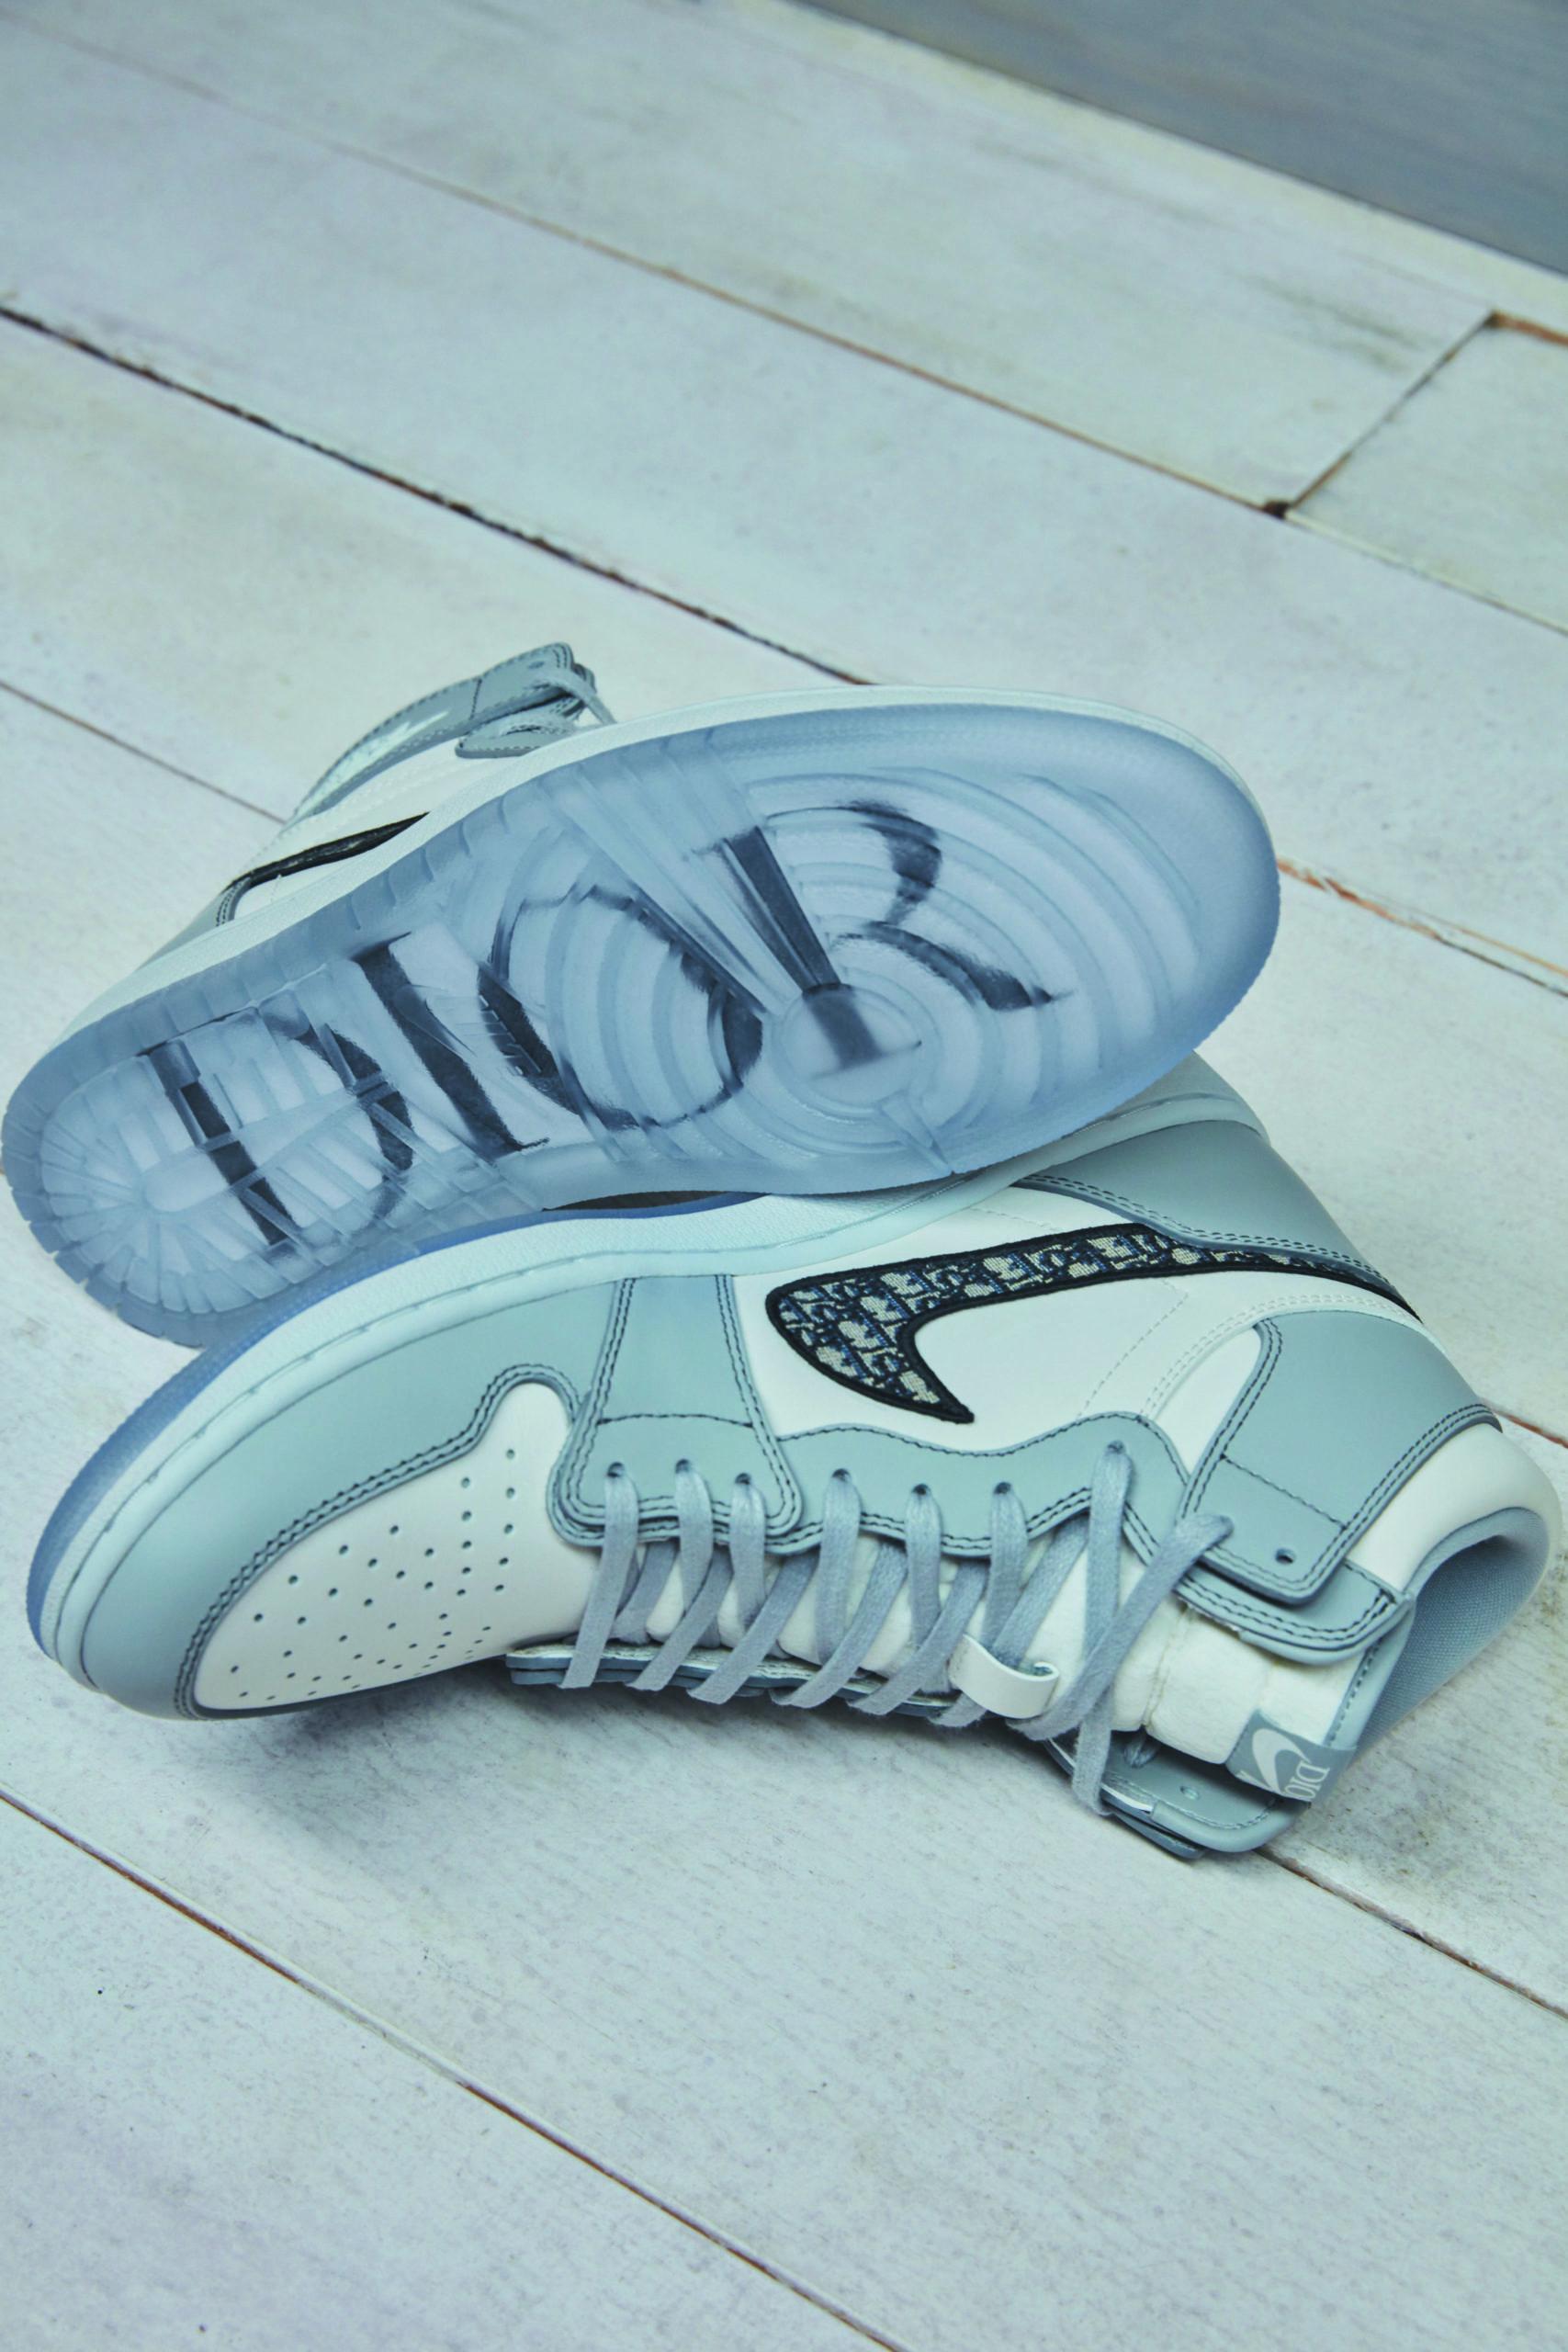 lana Independiente Nunca  La alianza entre la marca de Michael Jordan y Dior: Fashion can jump